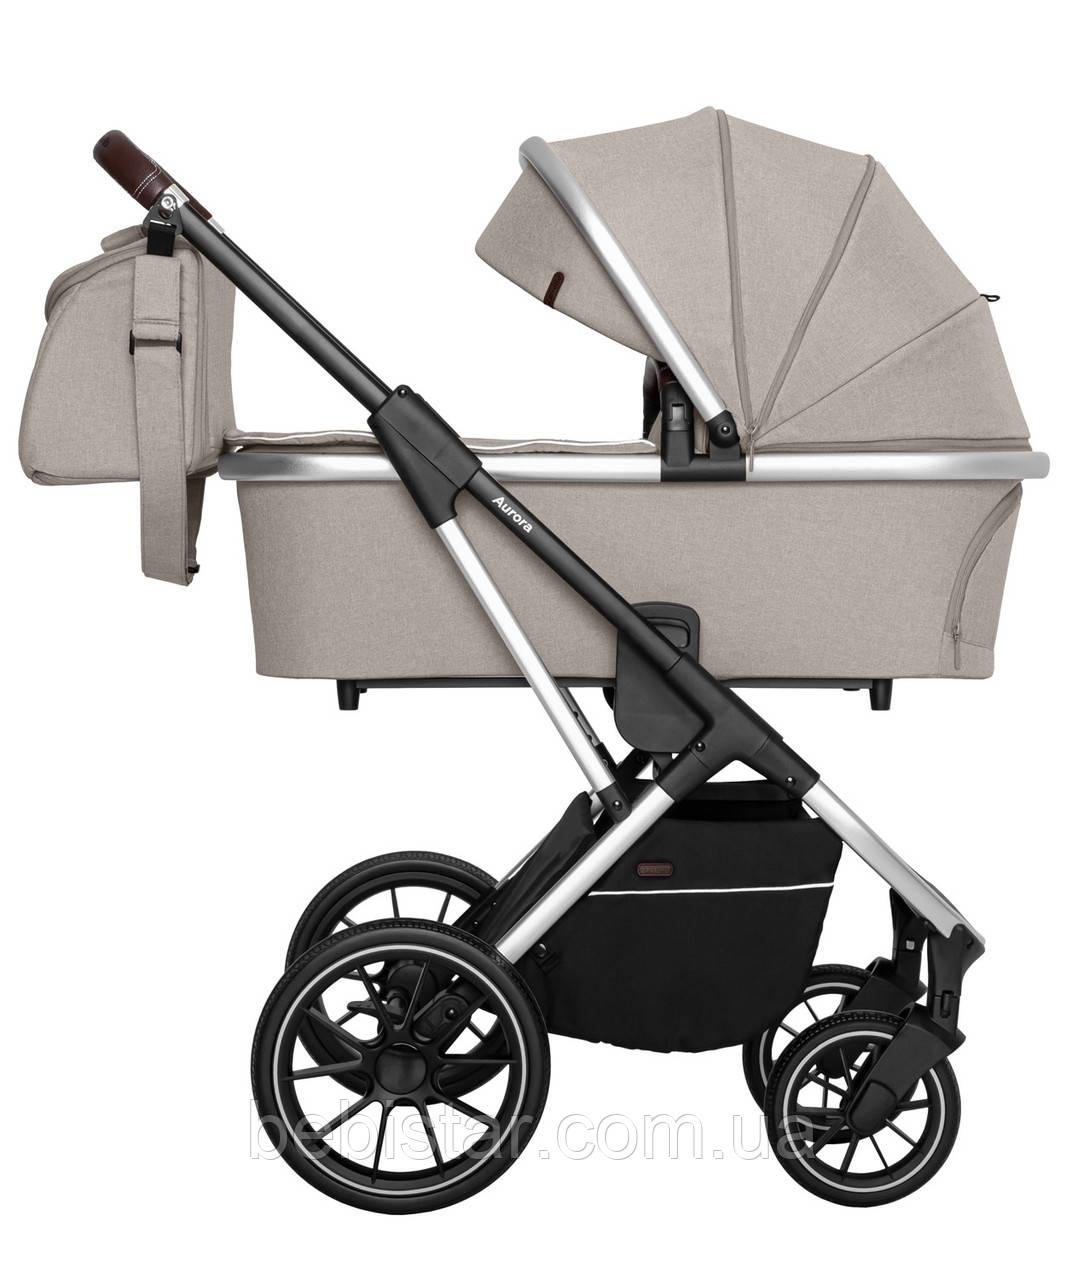 Универсальная коляска Carrello Aurora 2в1 серая рама люлька прогулочный блок москитная сетка дождевик